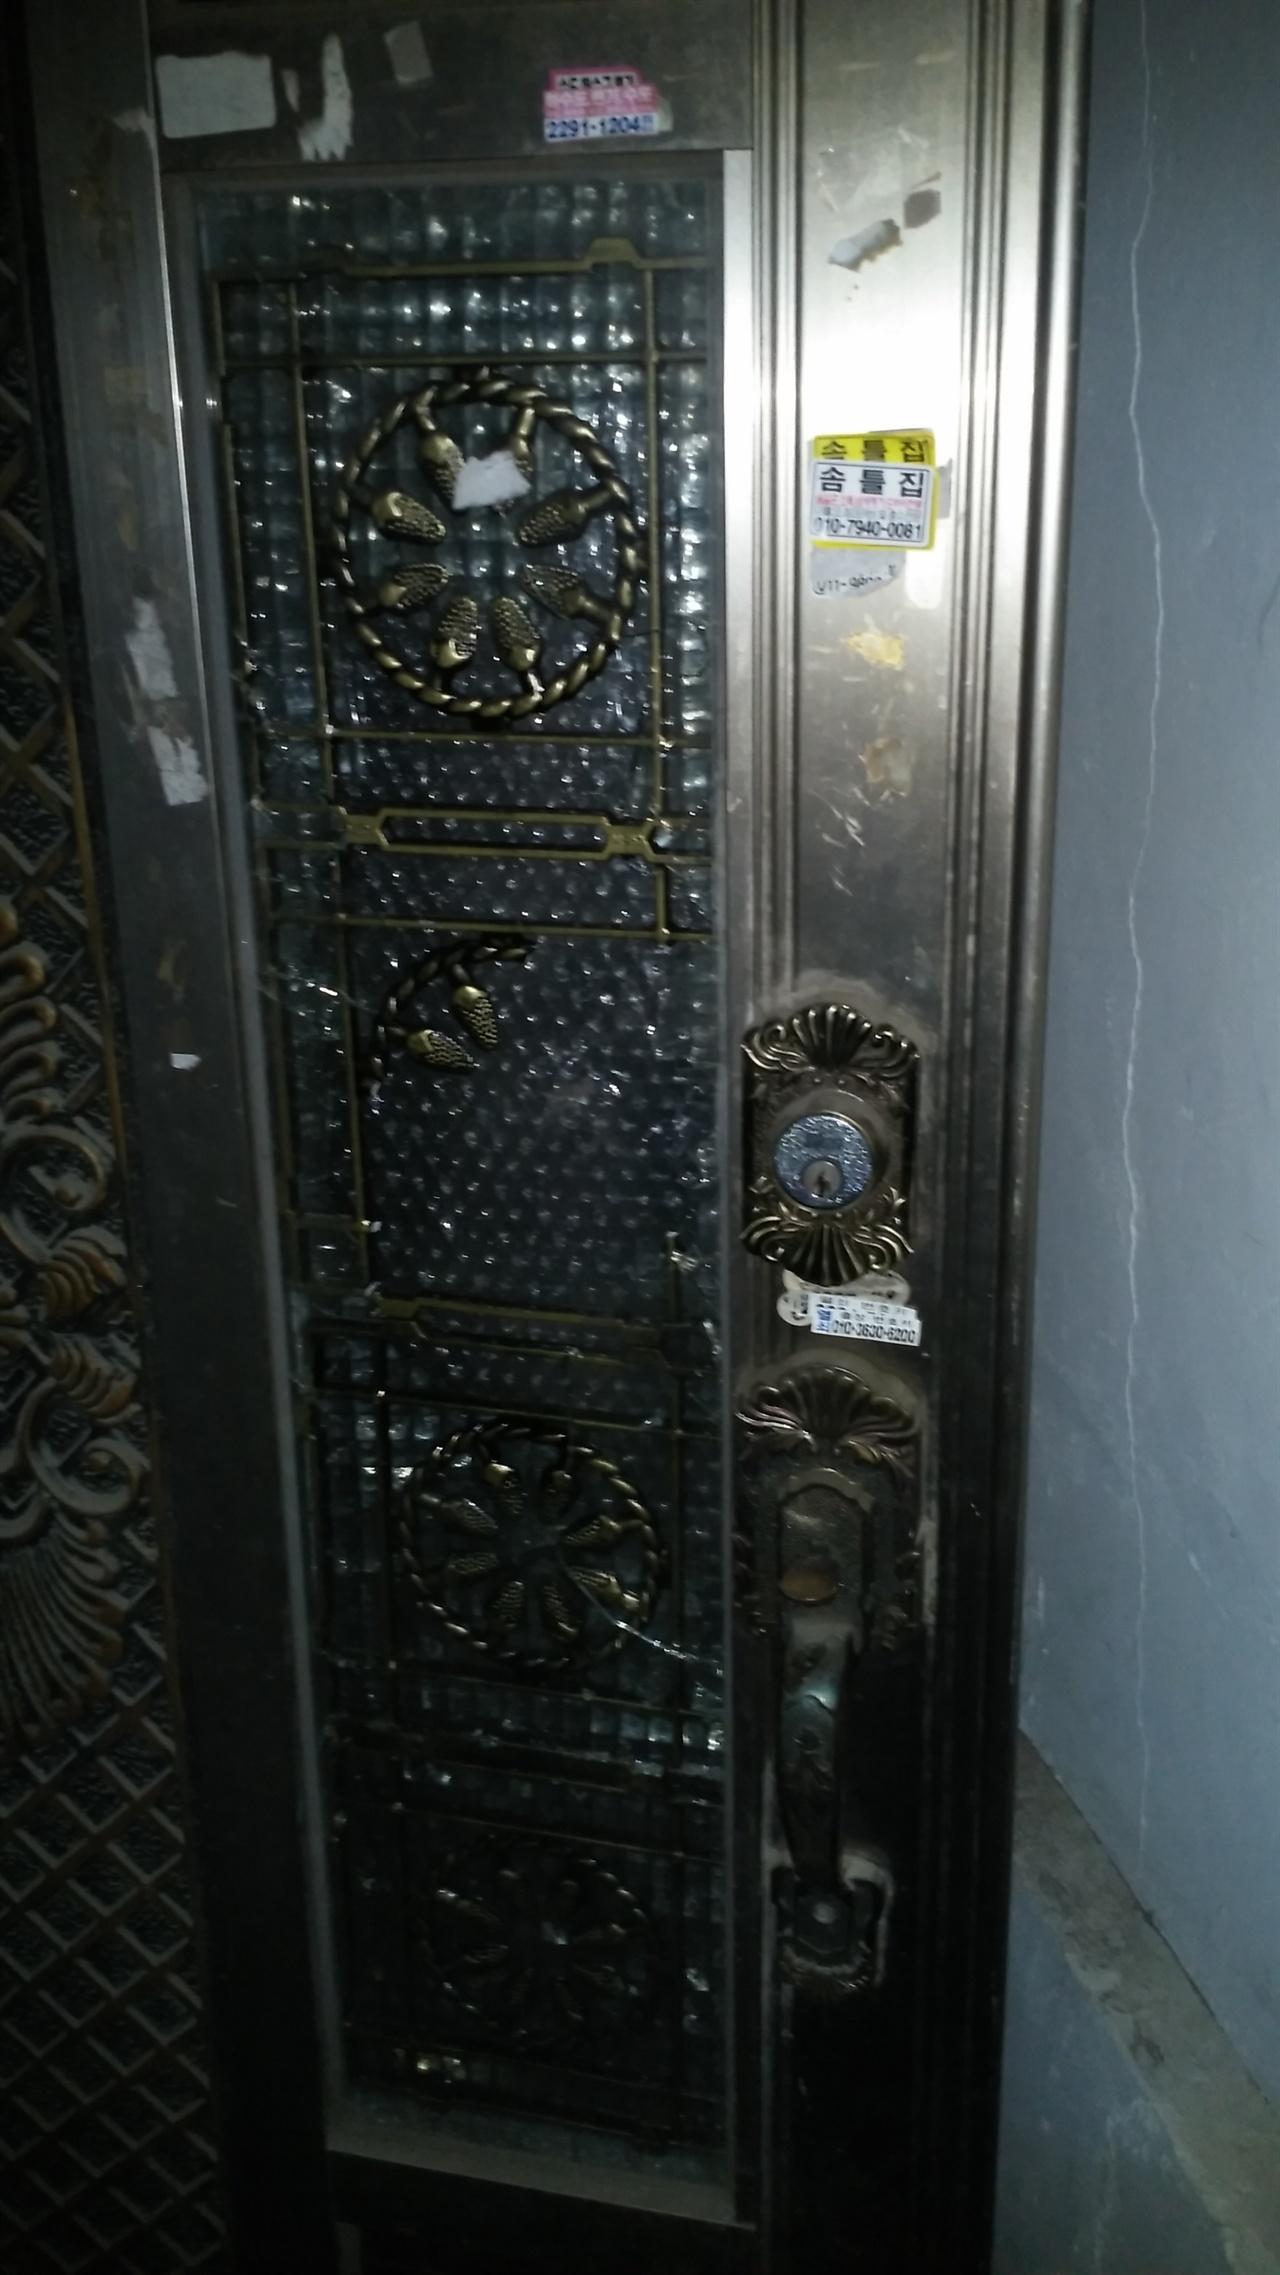 부서진 현관문 모습. 추위 때문에 에어캡으로 바람을 막았다.